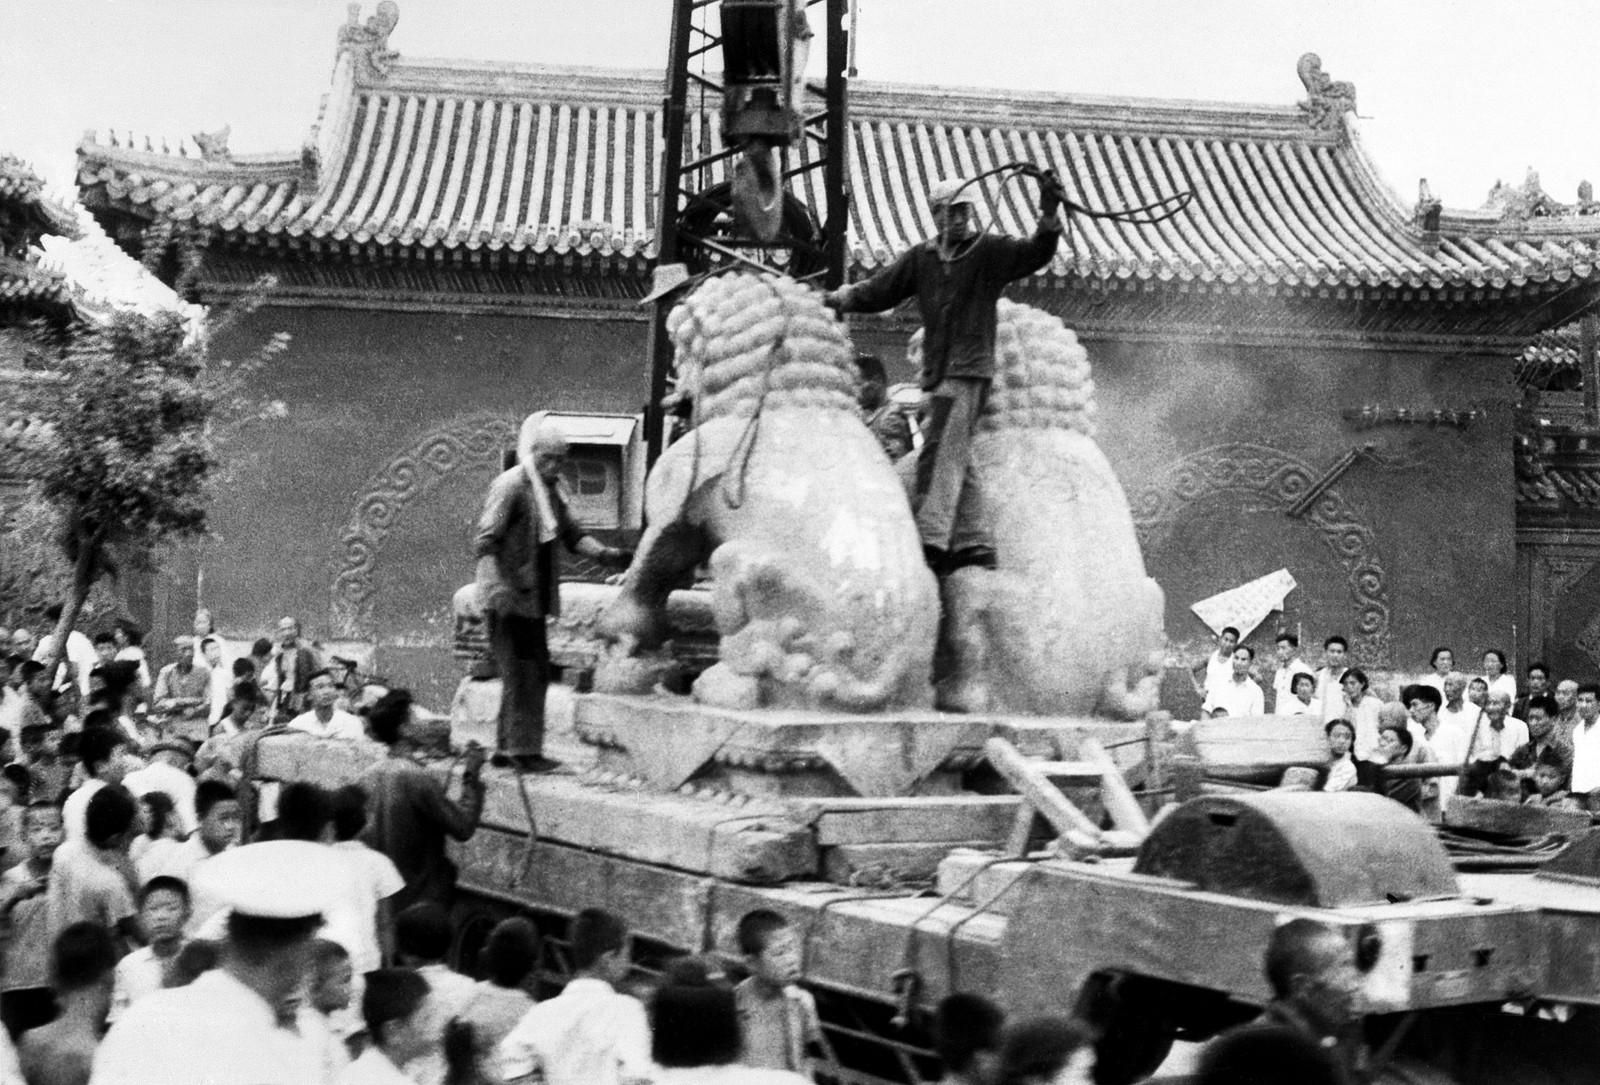 Rødegardister fjernet 25. august 1966 to antikke stenløver fra en bygning i Beijing. Over hele Kina ble tusenvis av antikke gjenstander fjernet og ødelagt under kulturrevolusjonen.